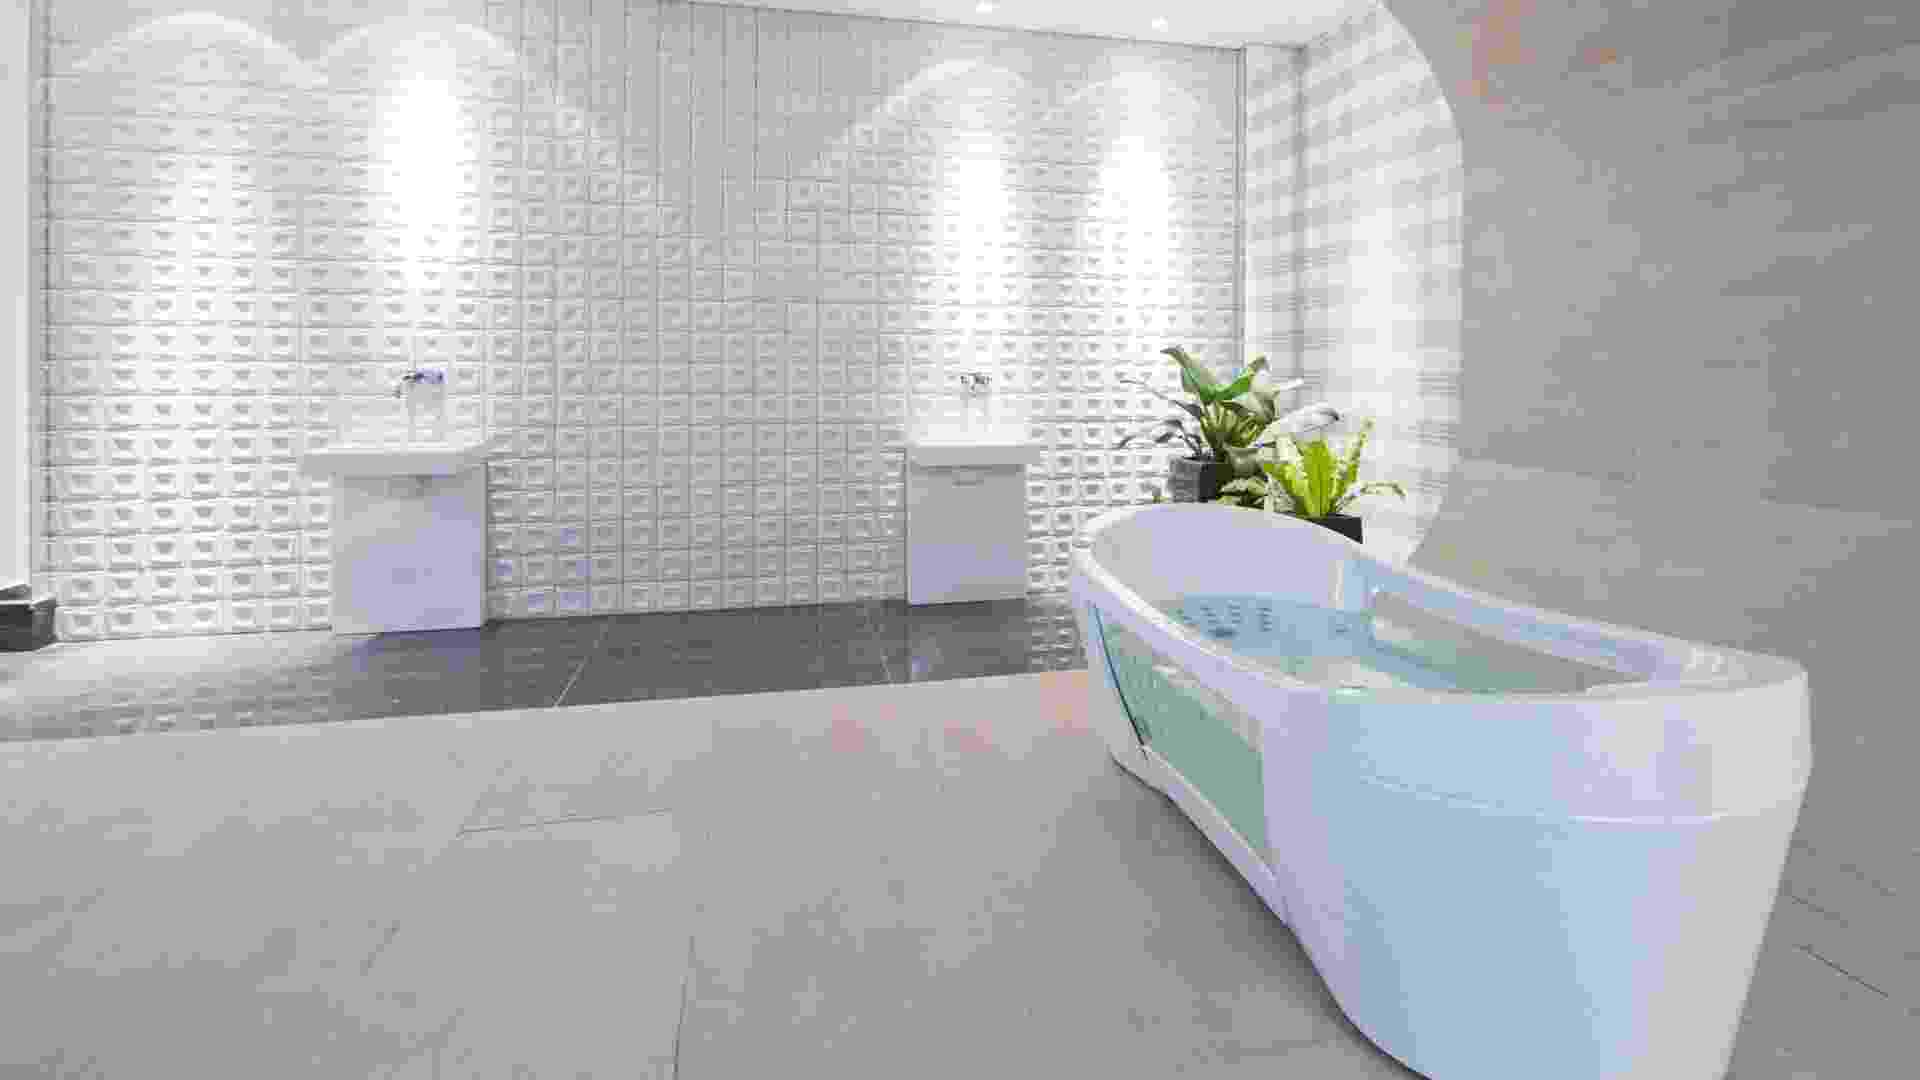 Casa Cor MT - 2012: a Sala de Banho do Casal, criada pela arquiteta e urbanista Susana Vilela, combina a ilha rústica que abriga a banheira com o padrão xadrez de uma das paredes e os azulejos em relevo de outra - Márcio Trevisan/ Divulgação